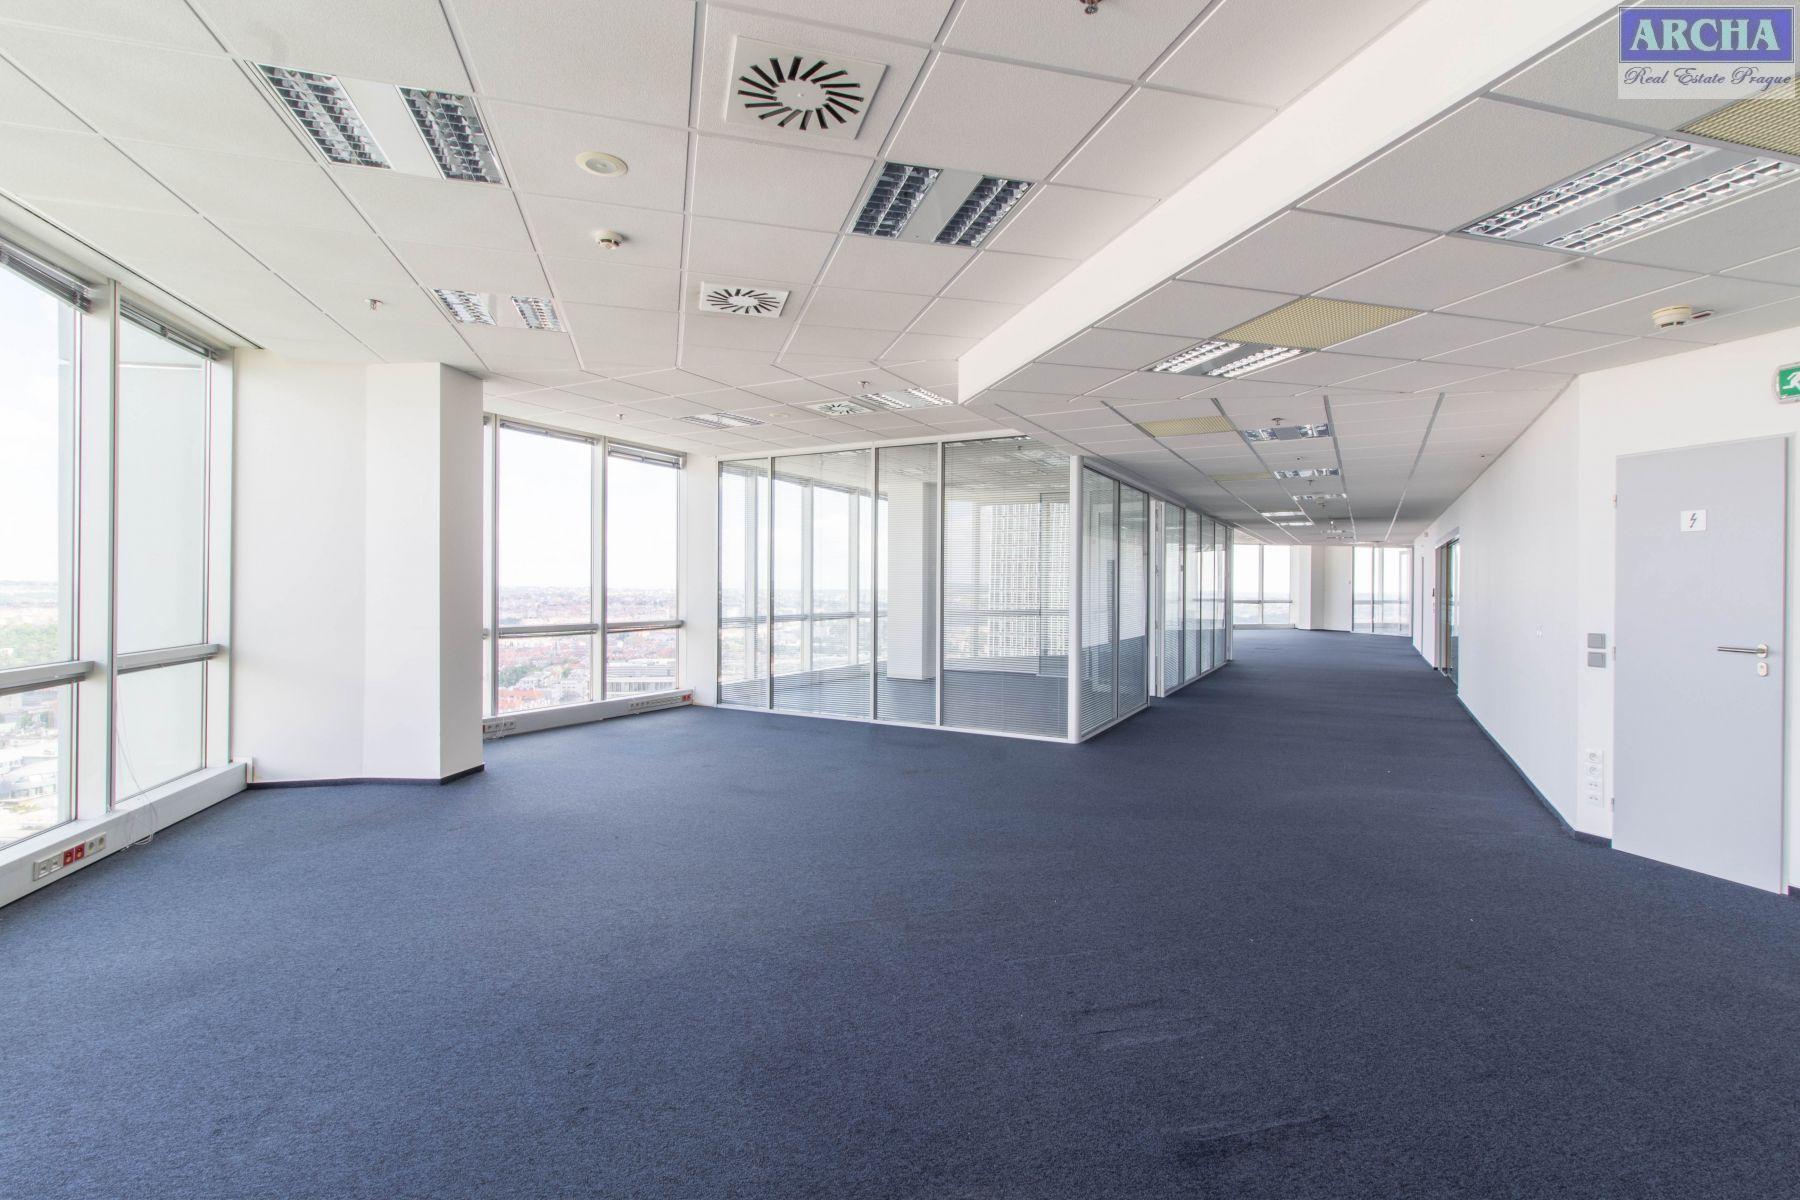 Nájem moderních kanceláří 918 m2, 21 patro, Praha 4 Pankrác